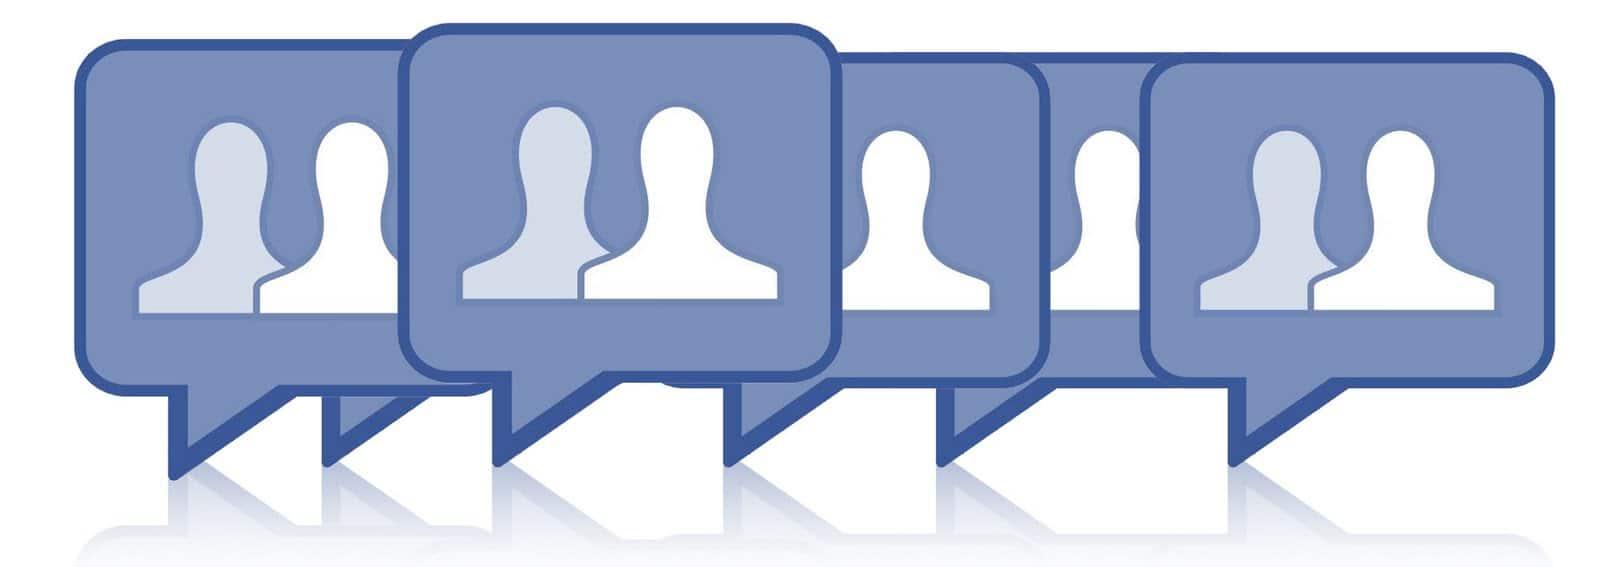 Temos um grupo no facebook! 1